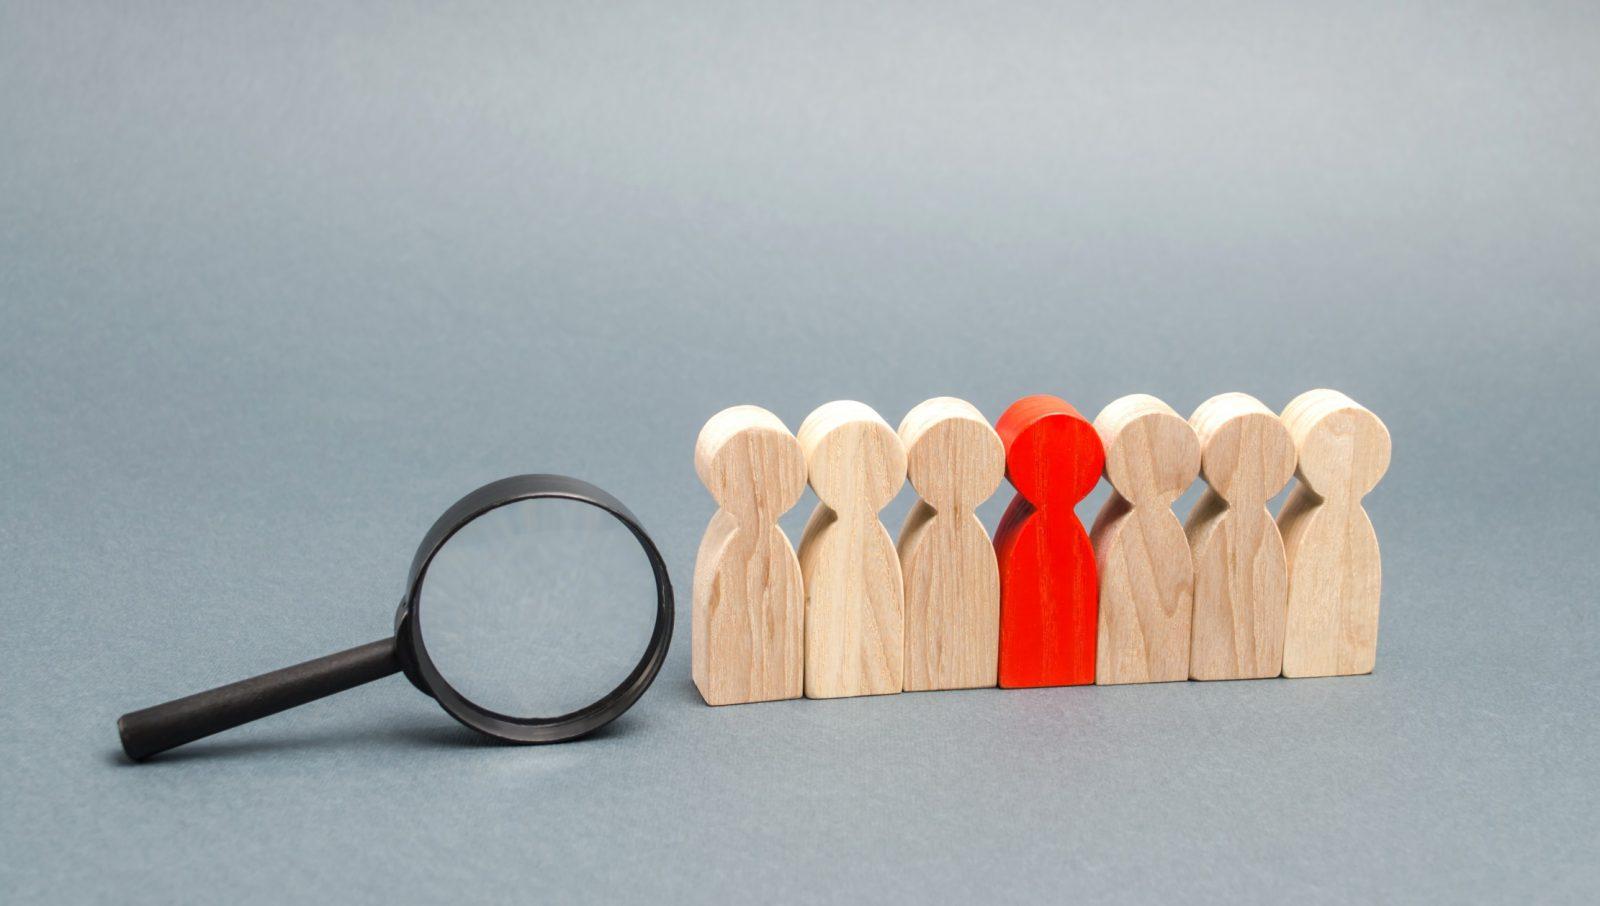 8 советов для руководителя при найме персонала для бизнеса